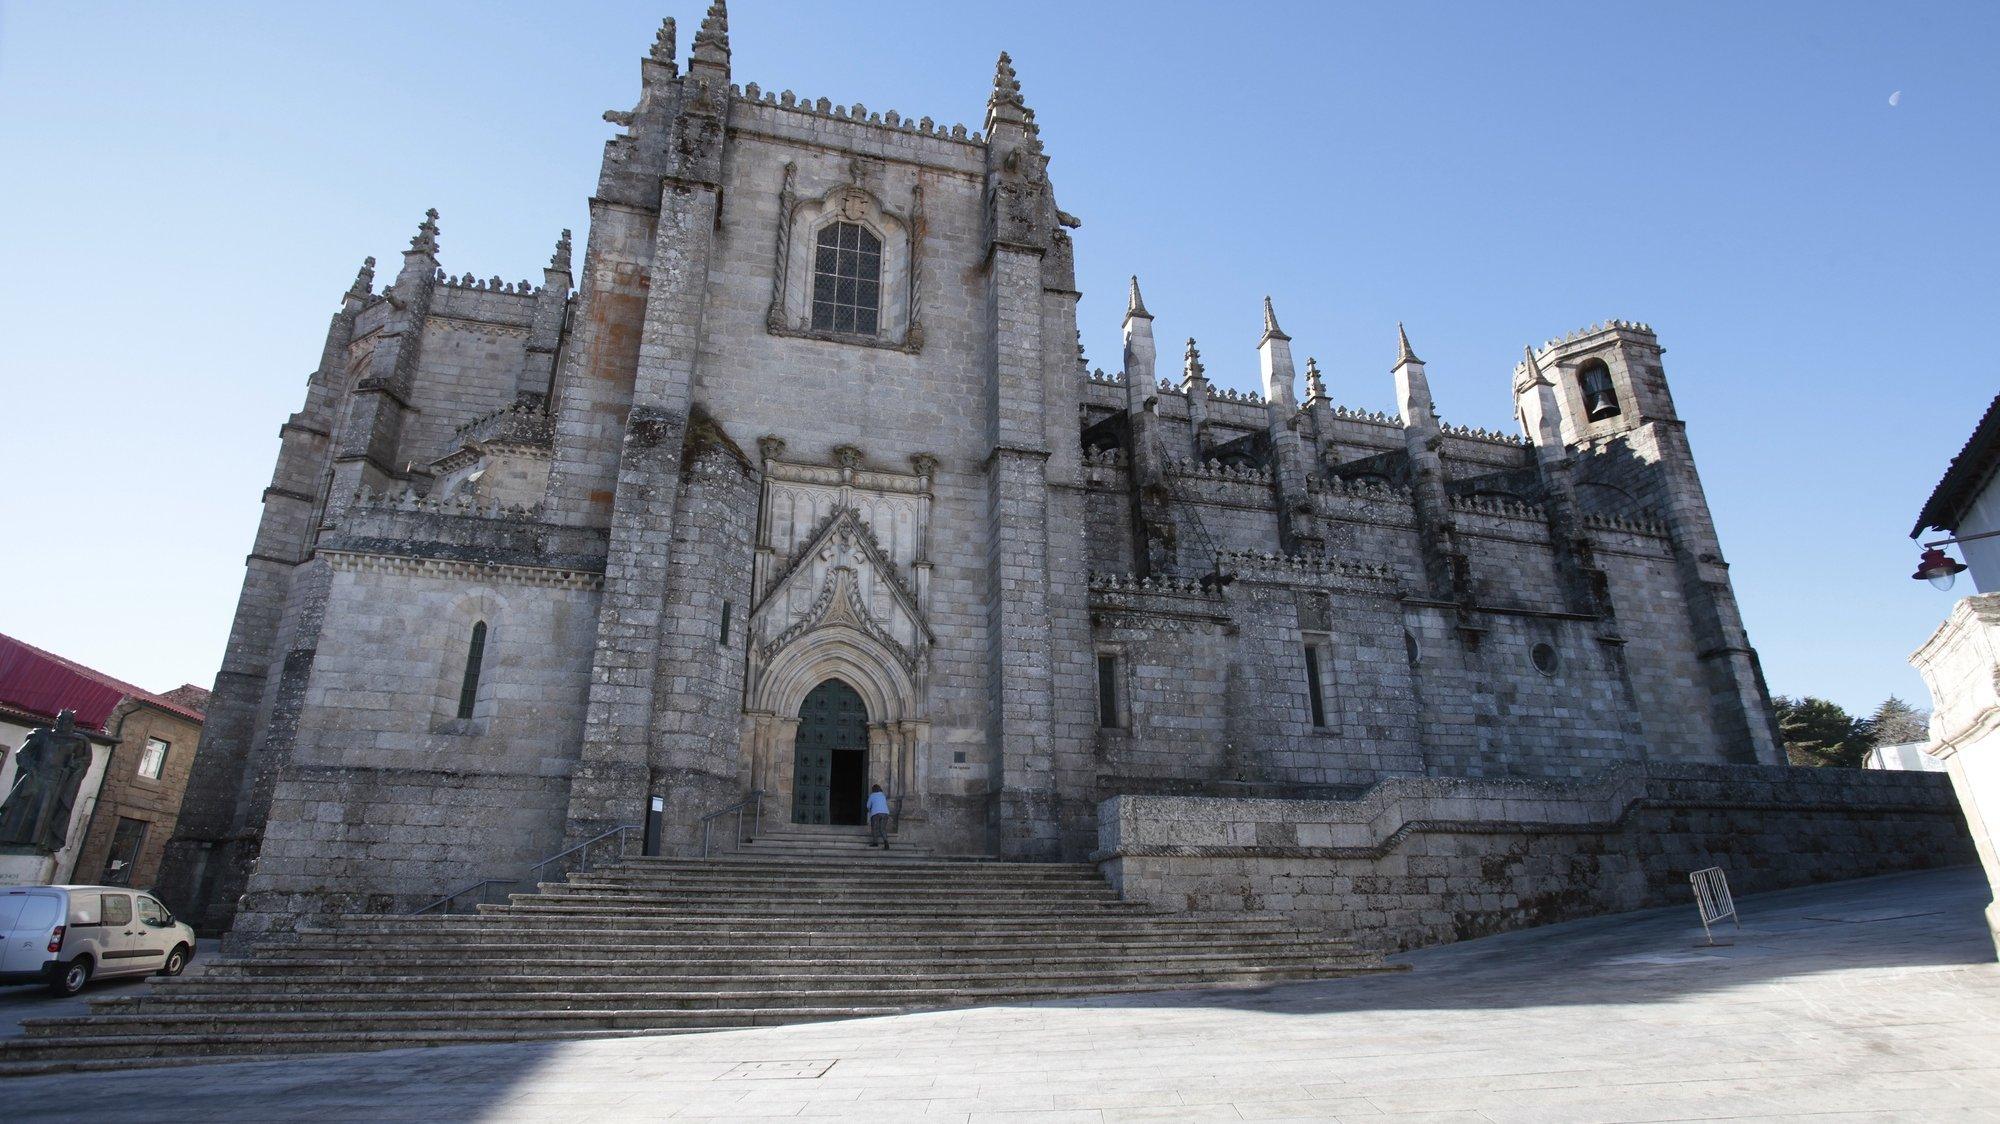 Sé da Guarda, 10 de novembro de 2017. A Sé-Catedral da Guarda foi erguida no seguimento do pedido de D. Sancho I ao Papa Inocêncio III para transferir a diocese de Egitânia para a nova cidade da Guarda. MIGUEL PEREIRA DA SILVA / LUSA